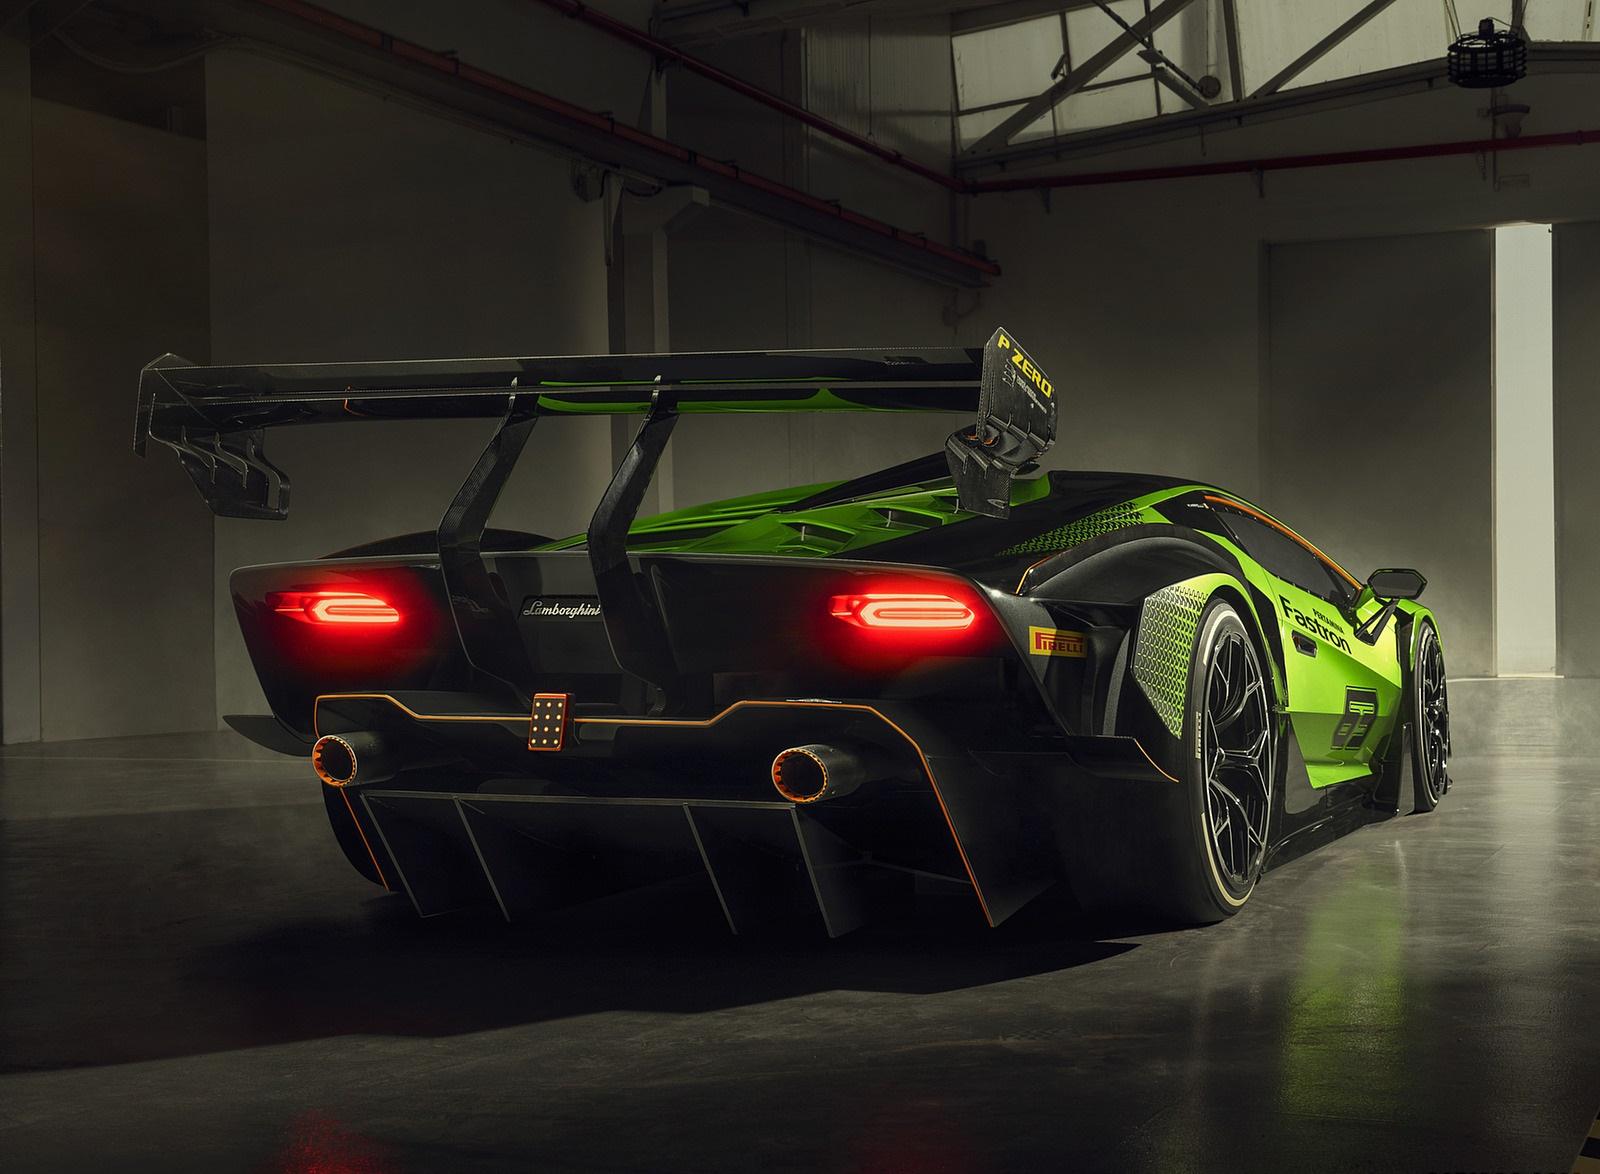 2021 Lamborghini Essenza SCV12 Rear Three-Quarter Wallpapers (5)